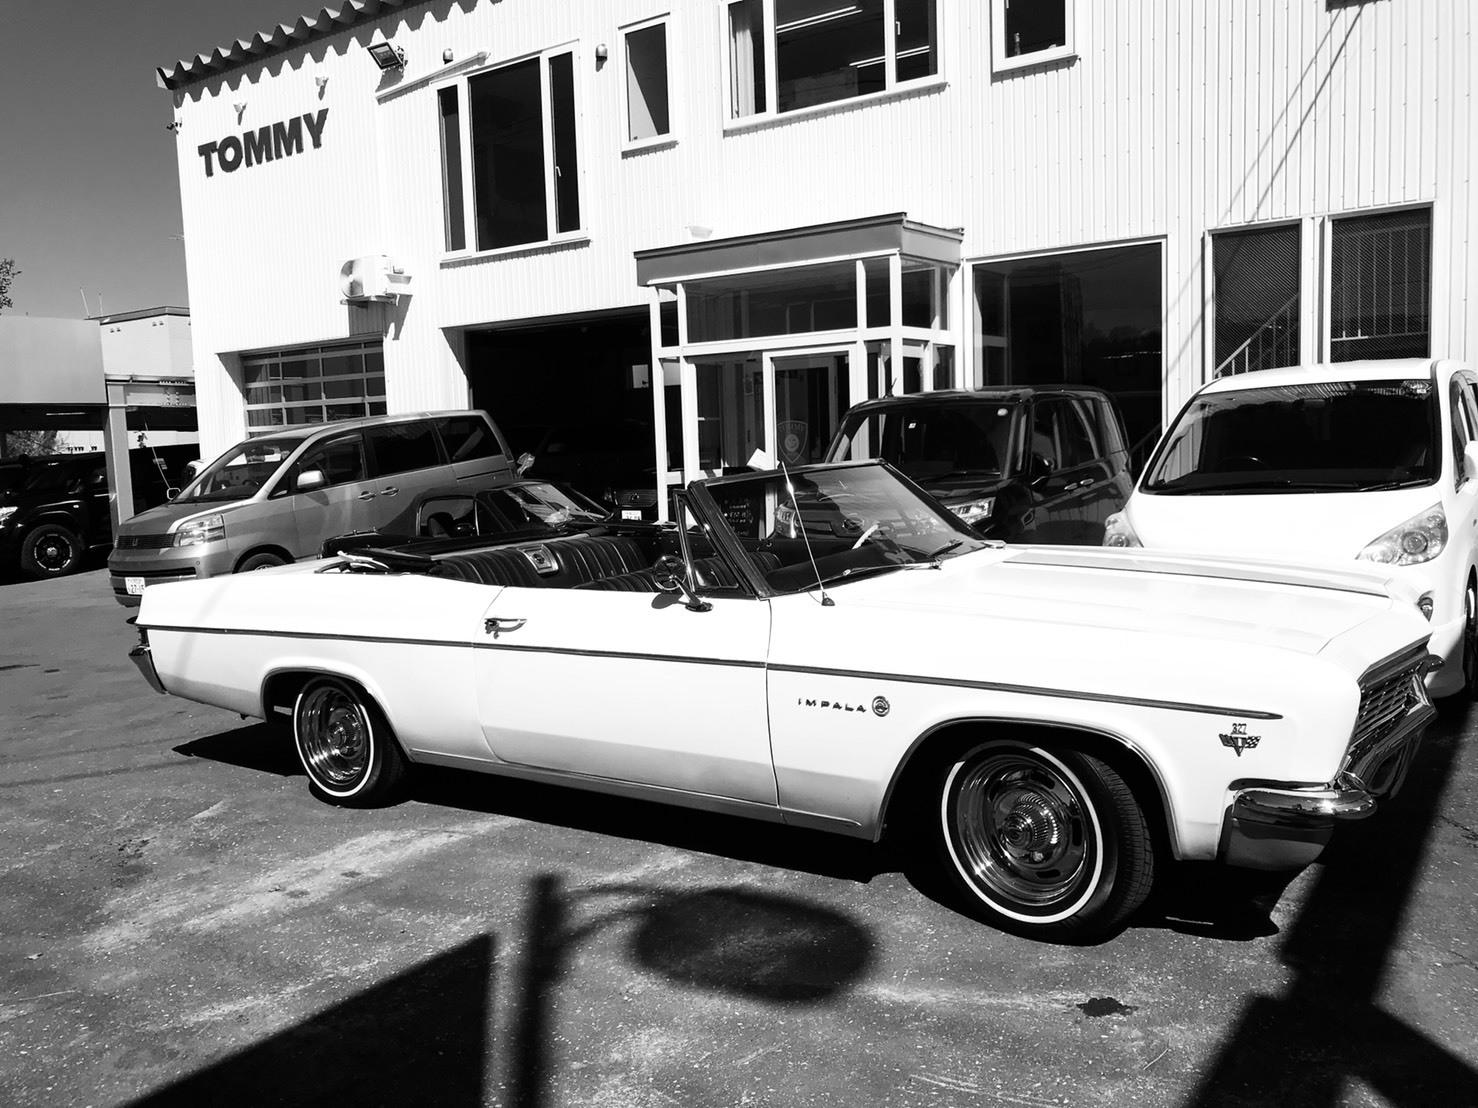 9月18日 火曜日の本店ブログ★キャンピングレンタカーありますよ♪ ランクル ハマー ハイエース _b0127002_17413872.jpg